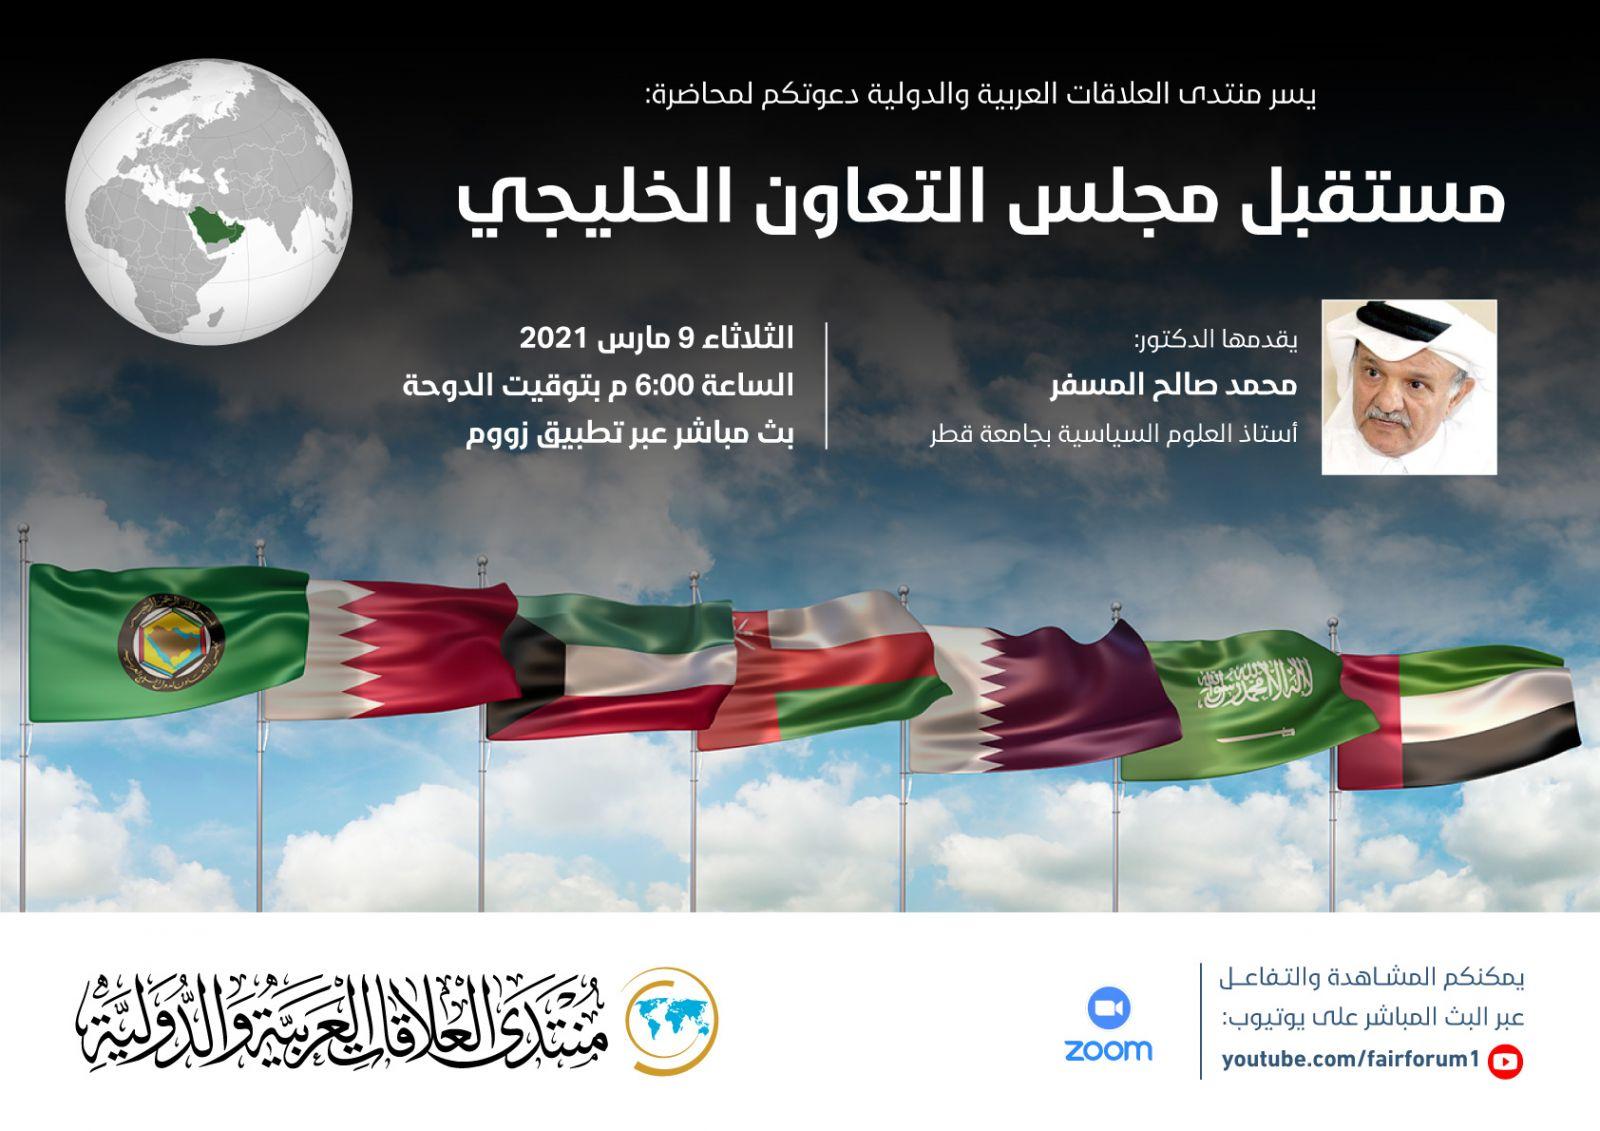 مستقبل مجلس التعاون الخليجي